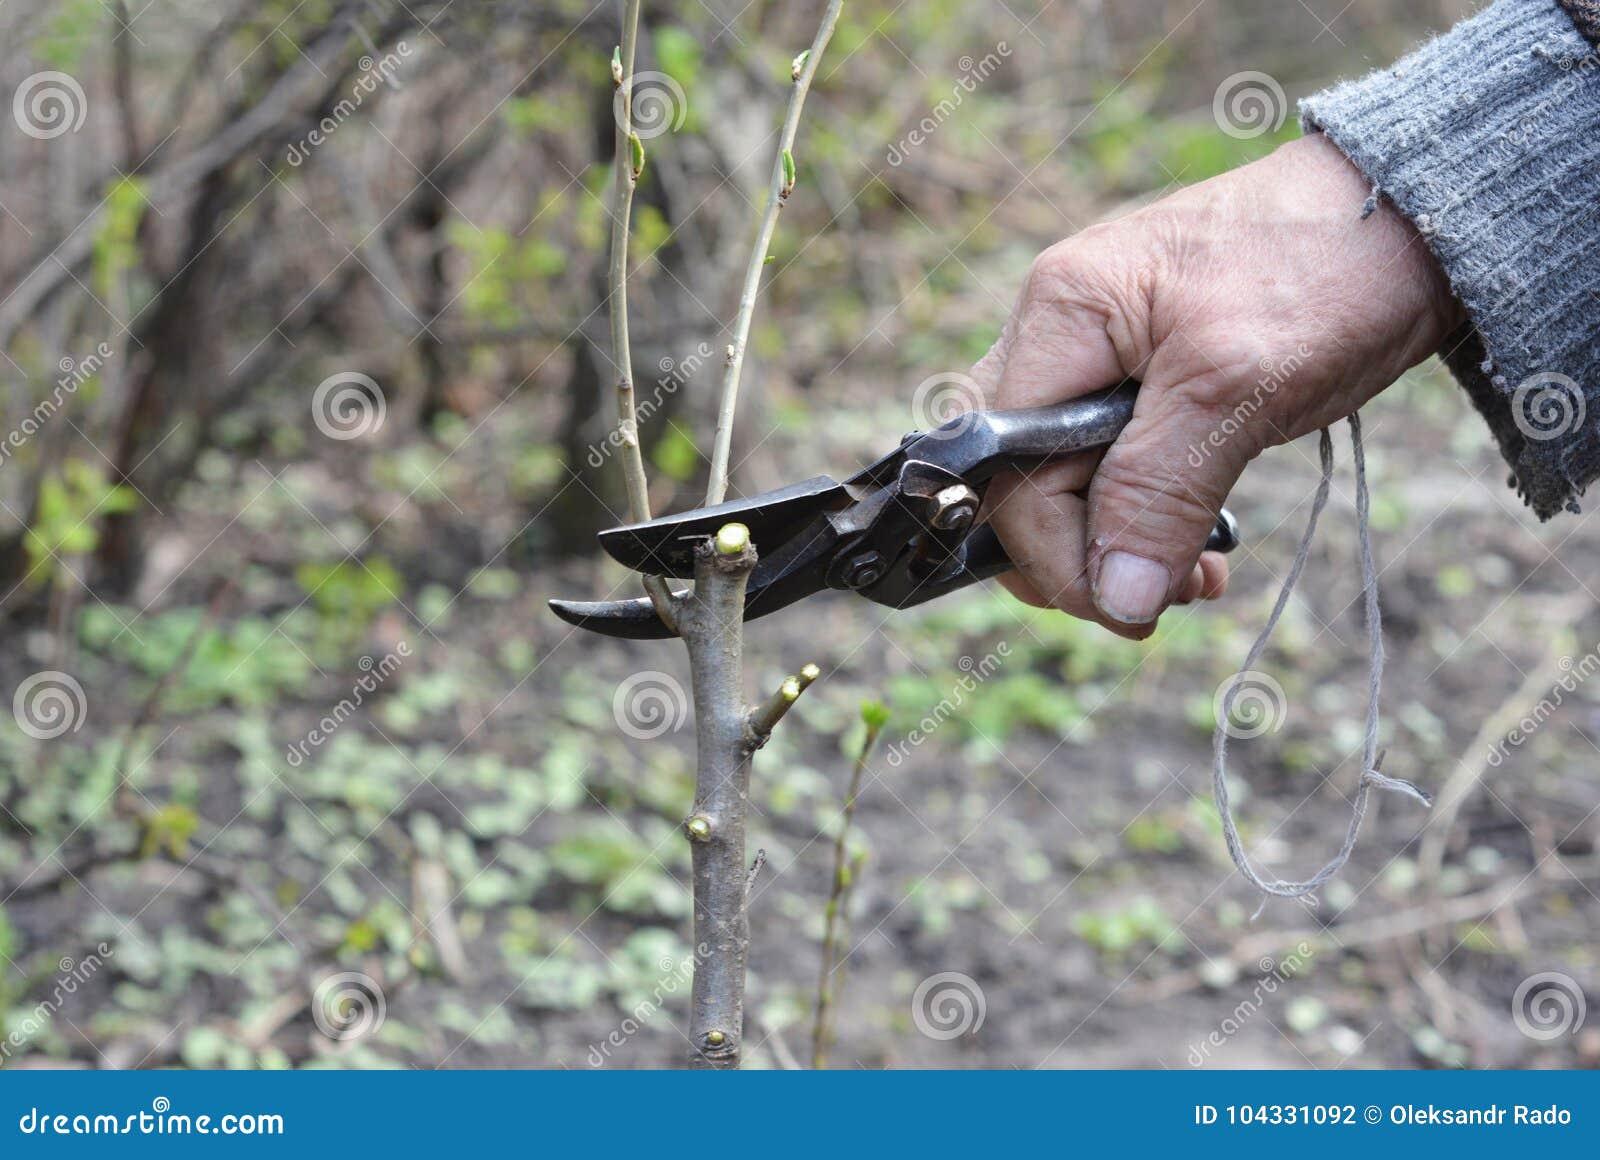 Старый садовник подготавливая ветвь яблони для прививать с ножом Руки старика прививая фруктовые дерев дерев шаг за шагом